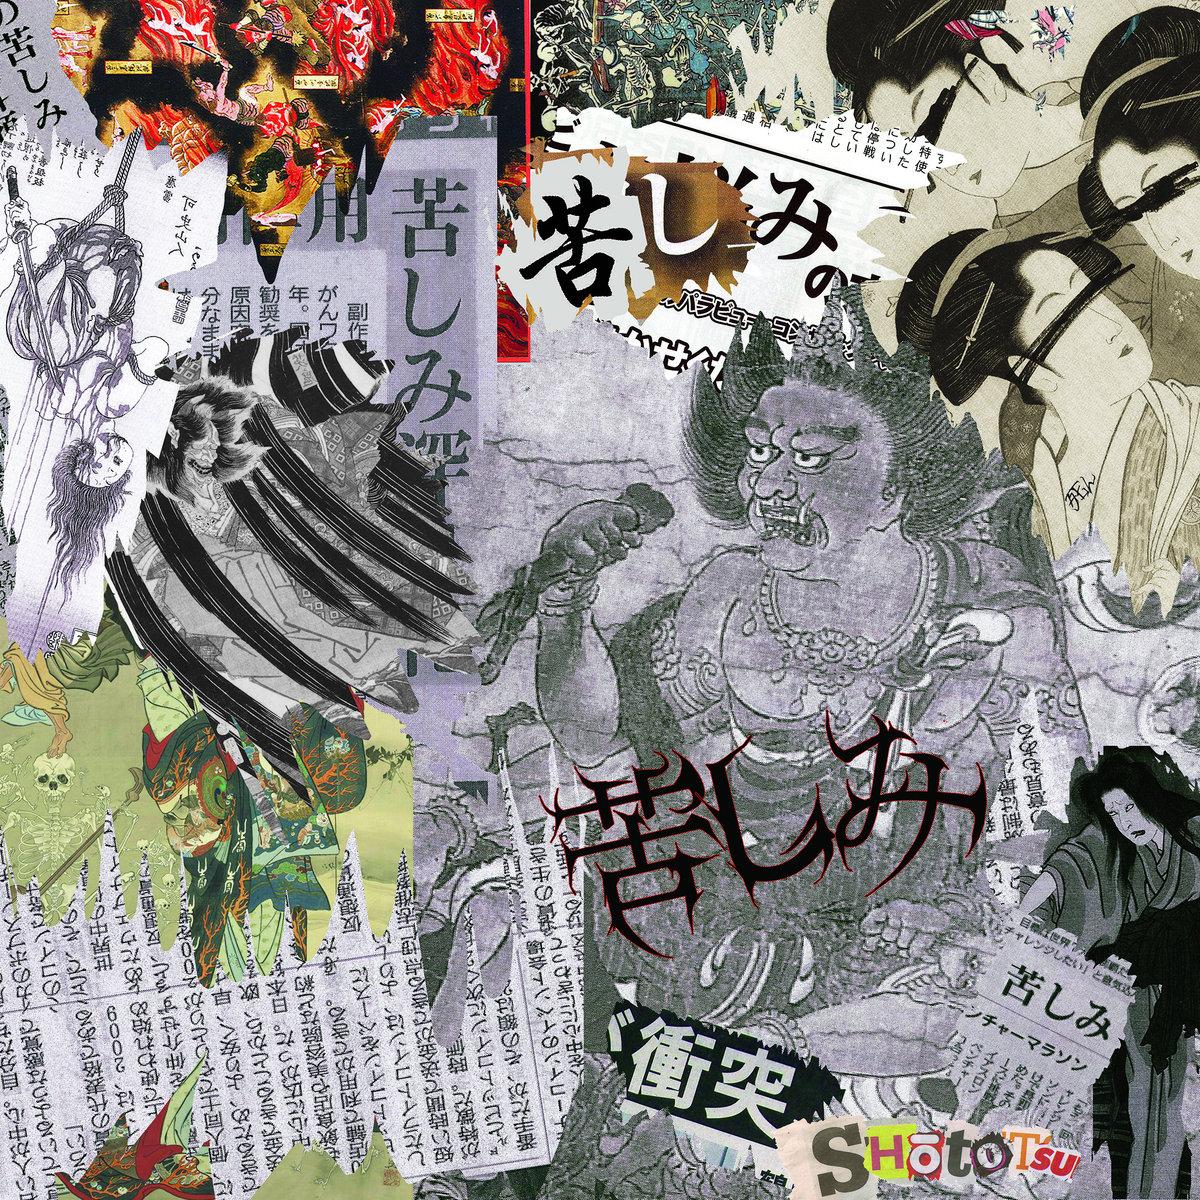 'Shototsu'